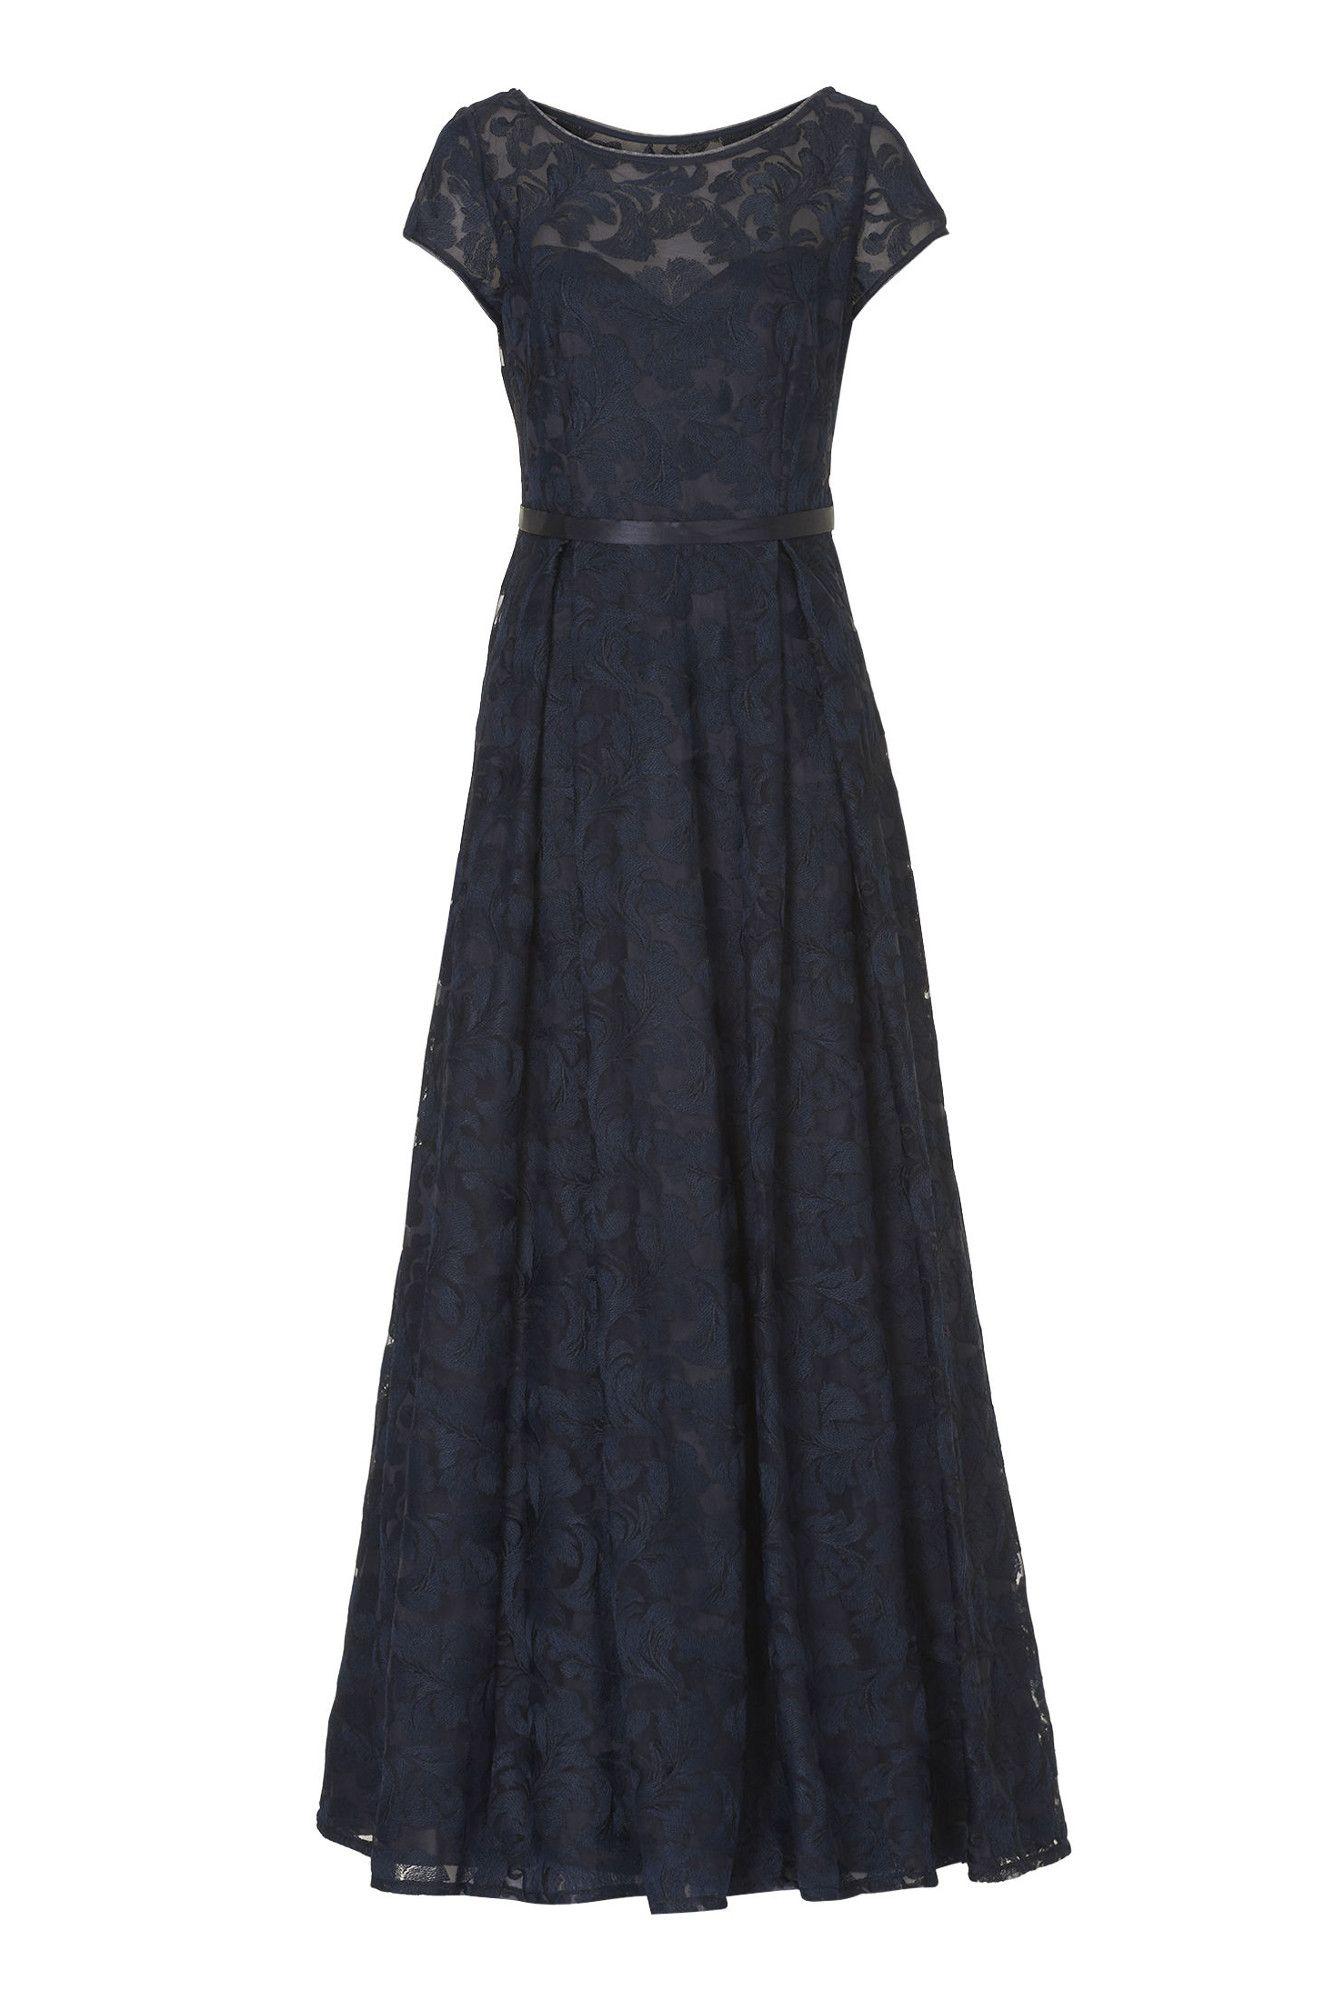 Festliches Kleid Tüllspitze Dunkelblau Vera Mont  Mode Bösckens